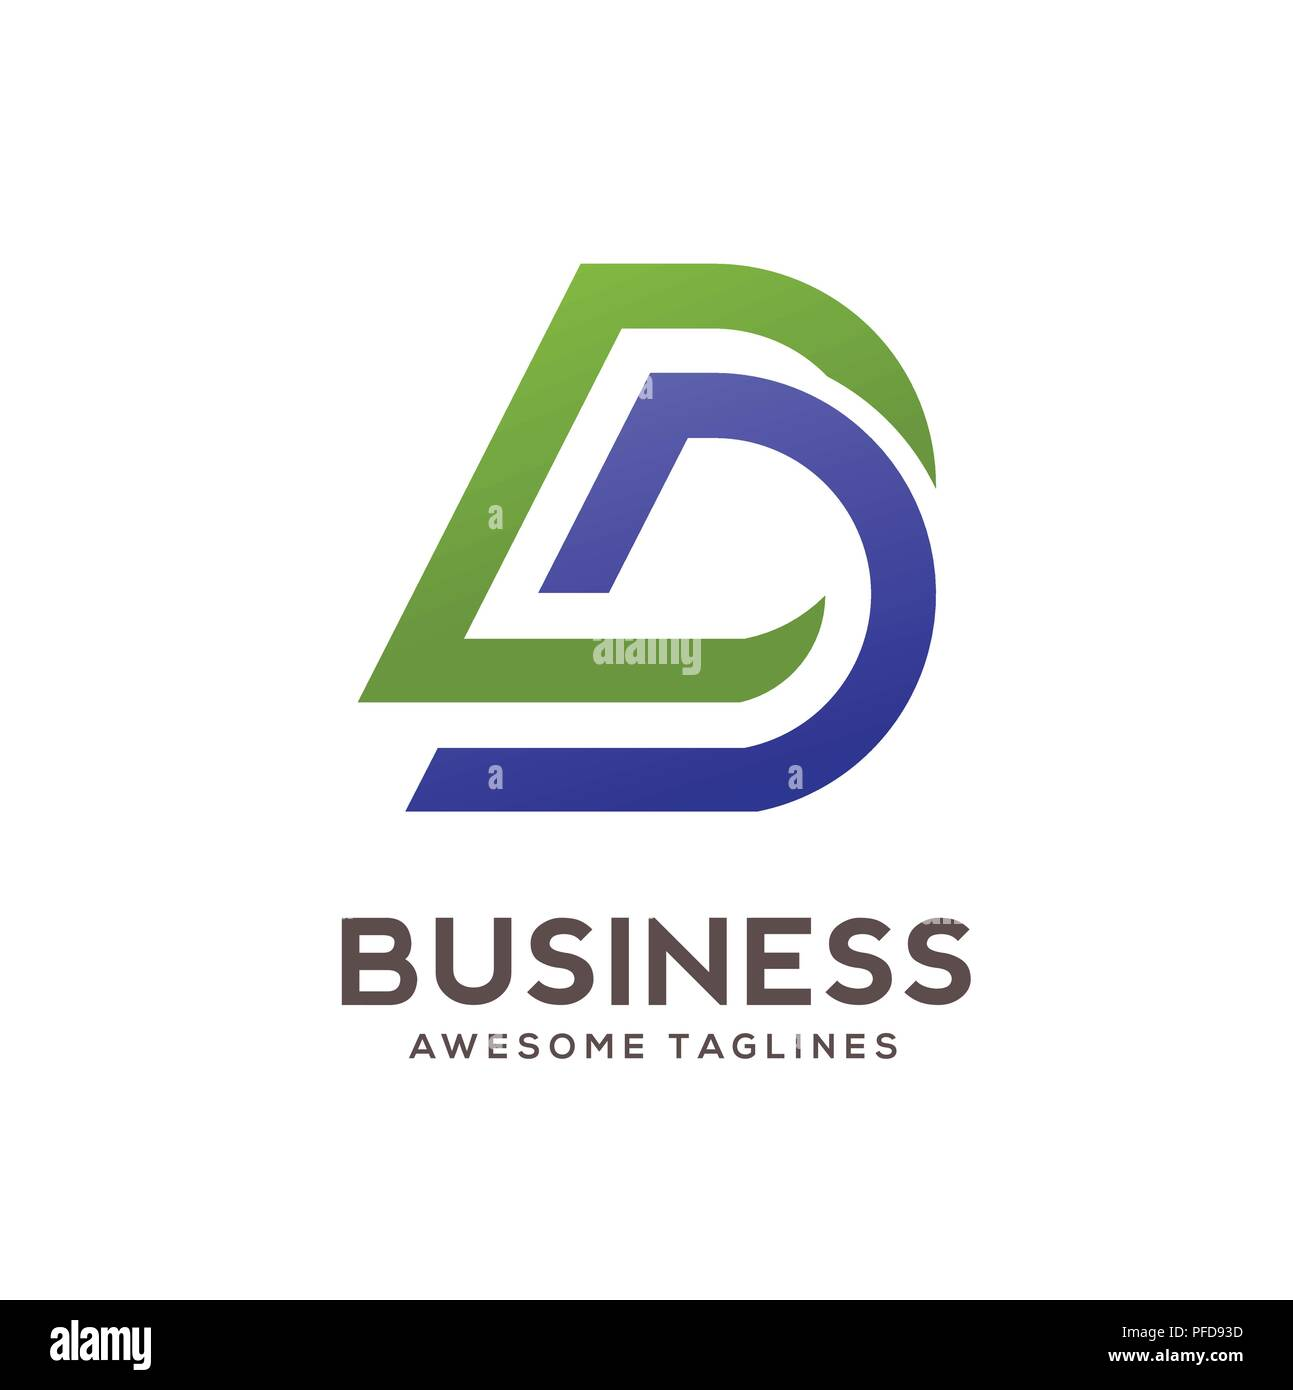 DD carta logo design ilustración vector plantilla,D carta vector logo, letra D y D, vector logo carta creativa DD carta logo Ilustración del Vector